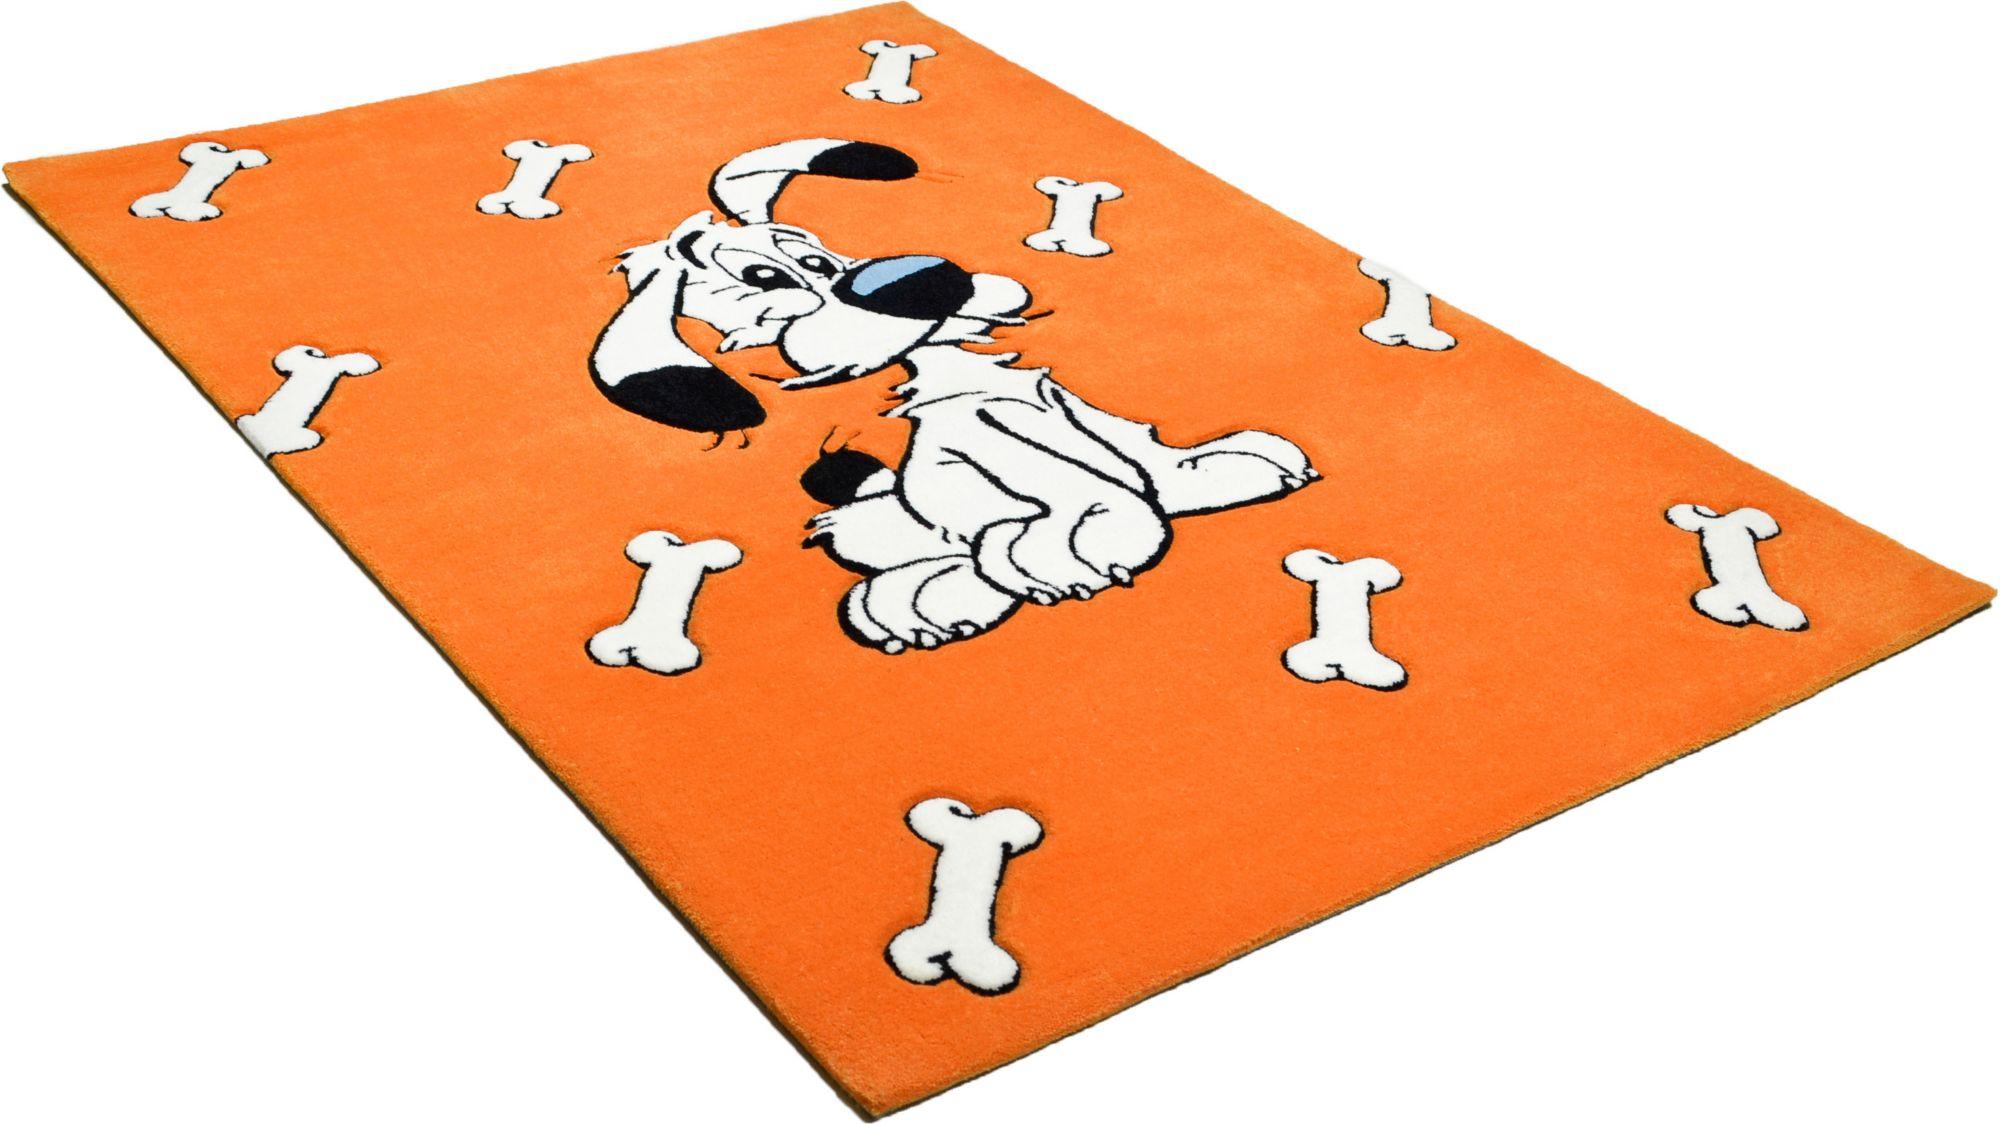 ASTERIX Kinder-Teppich, Asterix, »Der schlaue Idefix«, handgearbeitet